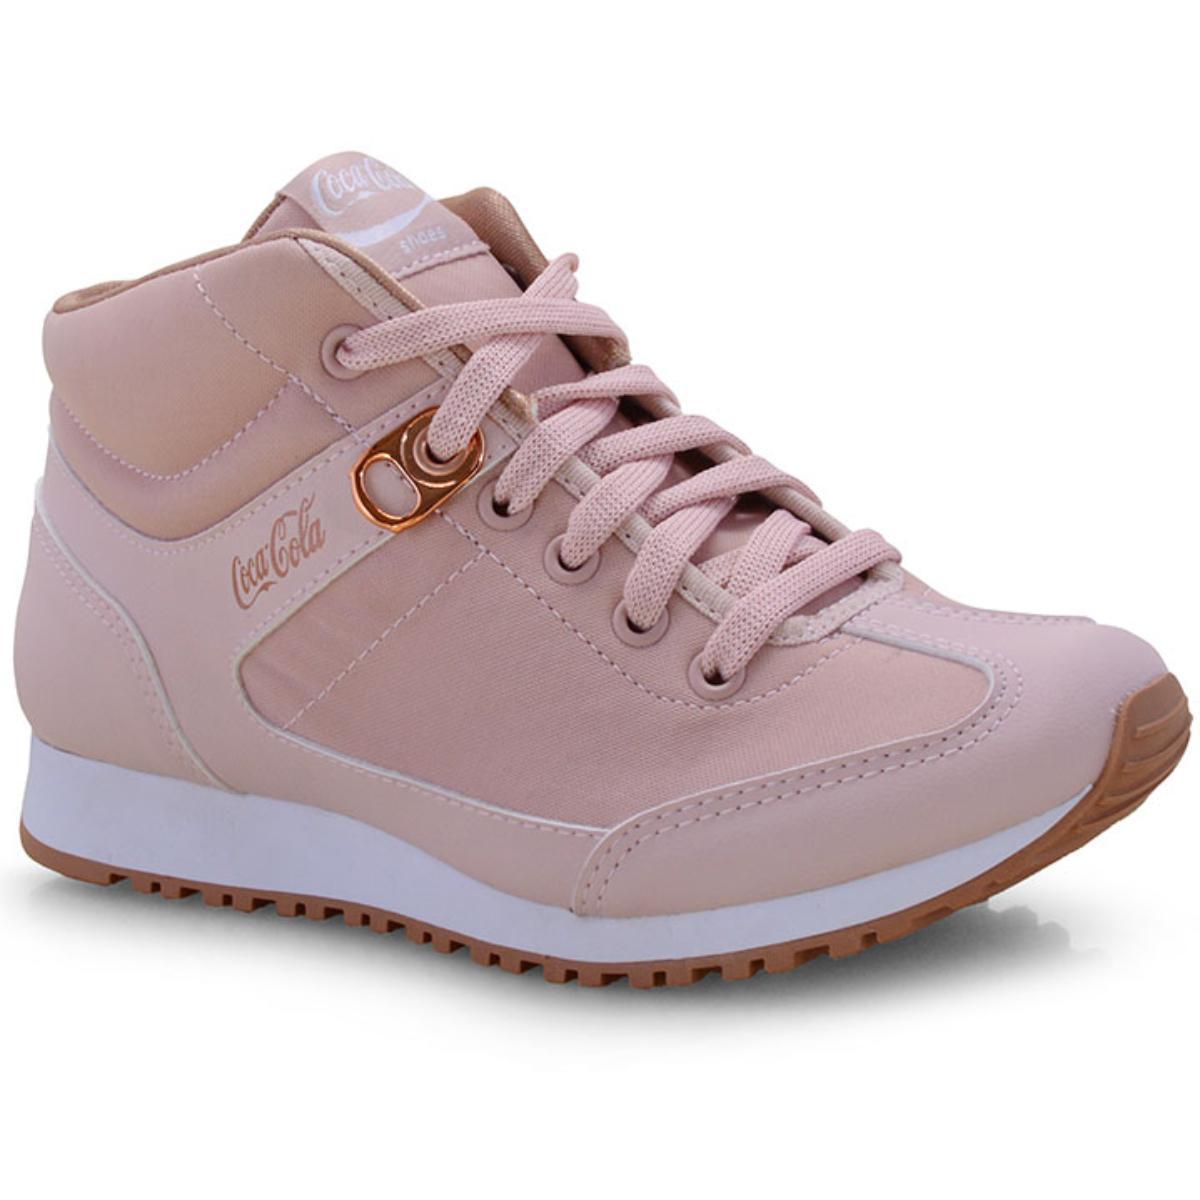 Tênis Feminino Coca-cola Shoes Cc1494 Rose/cobre